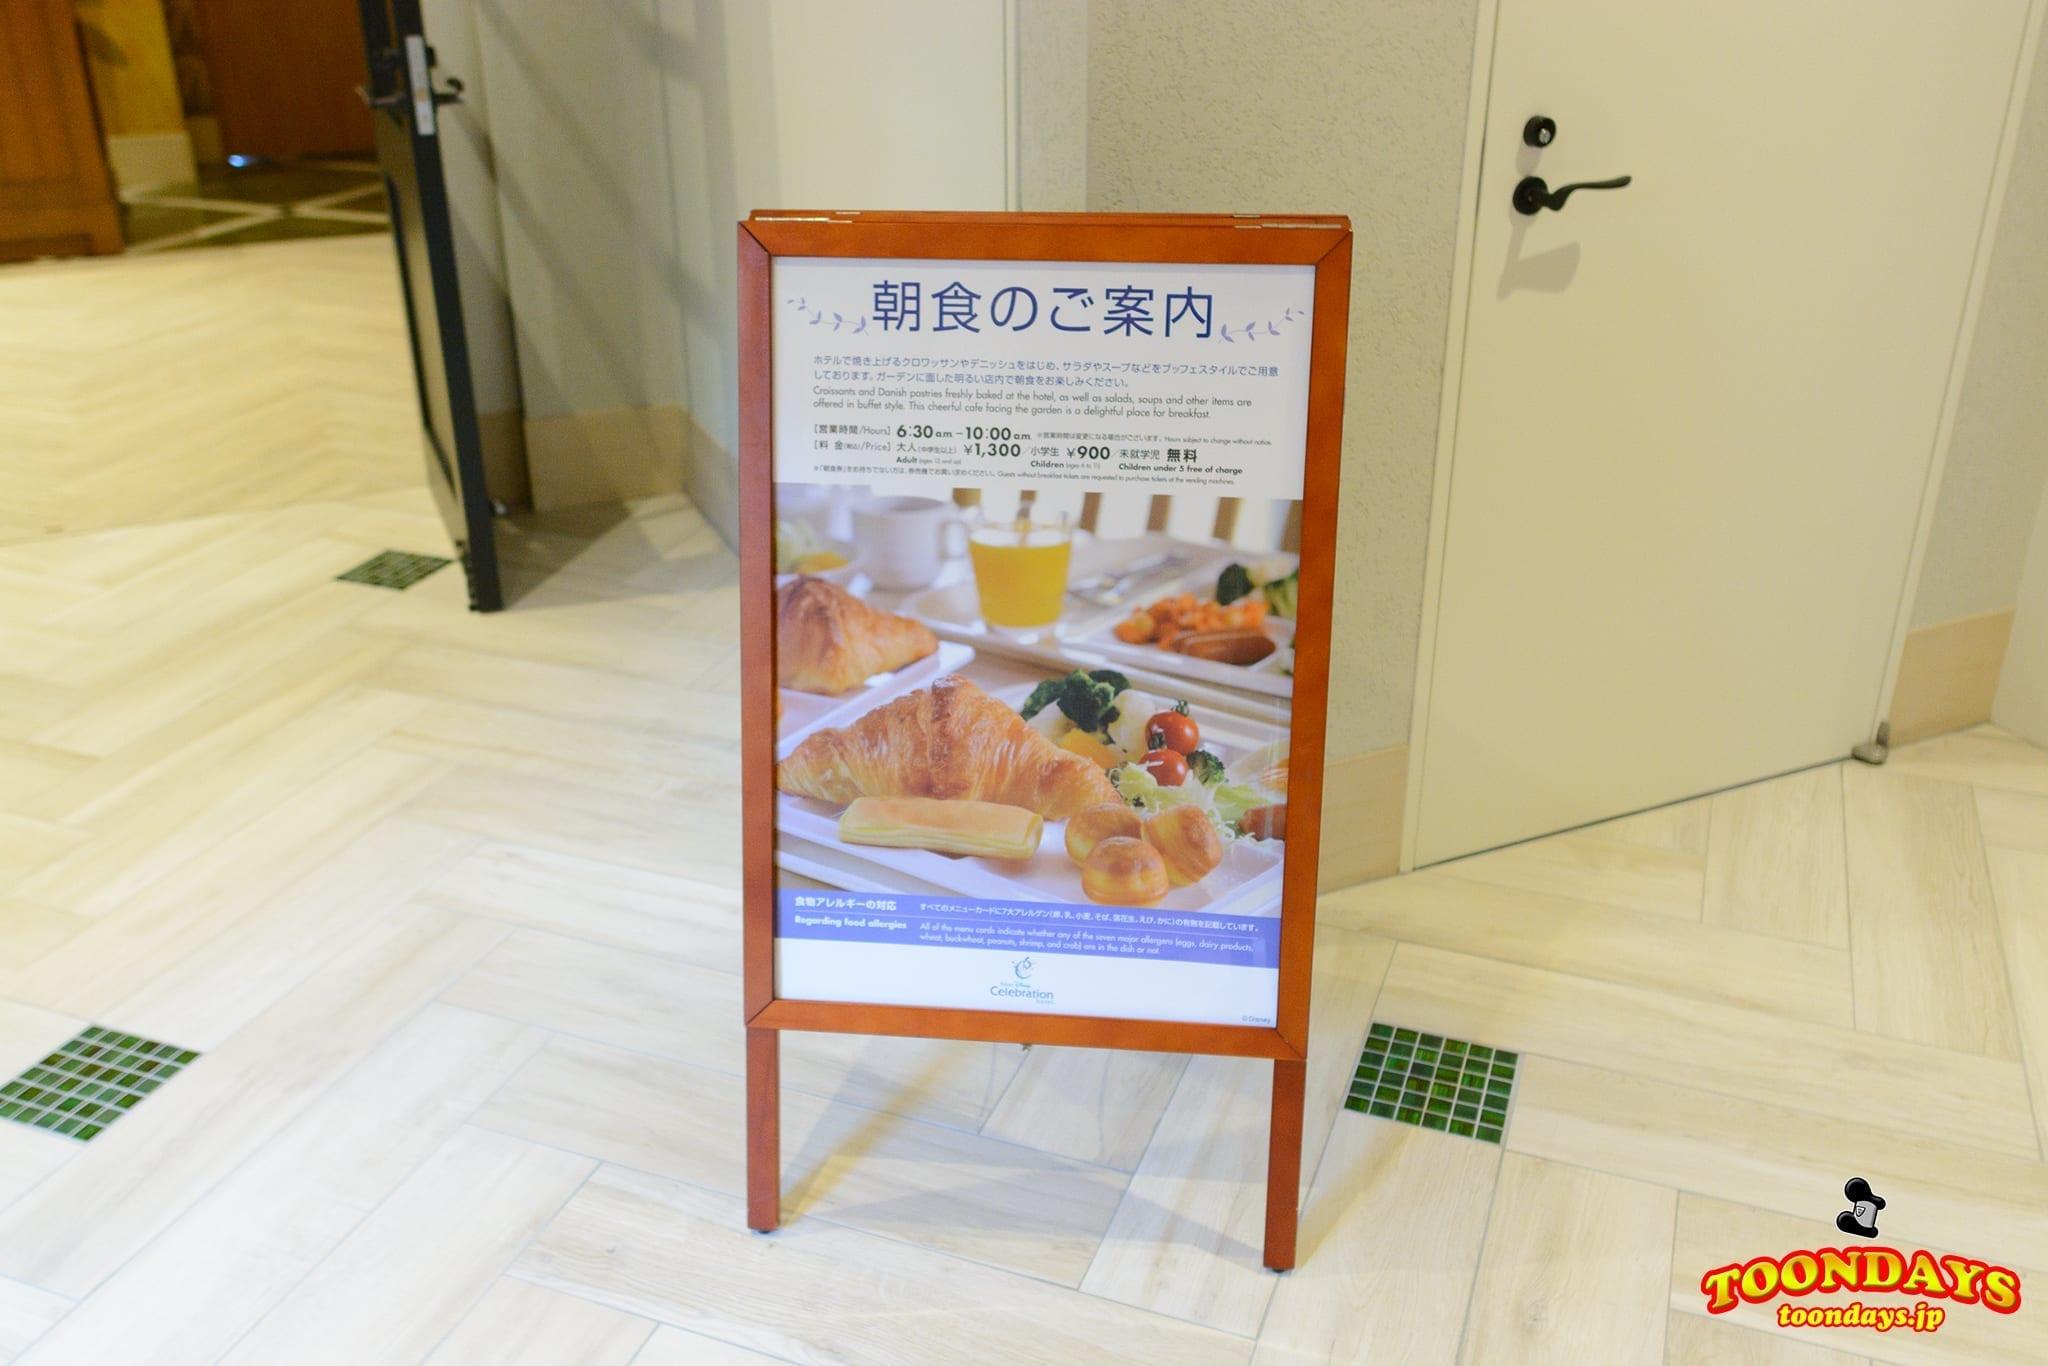 TDR 東京ディズニーセレブレーションホテル:ディスカバー ディスカバーカフェ